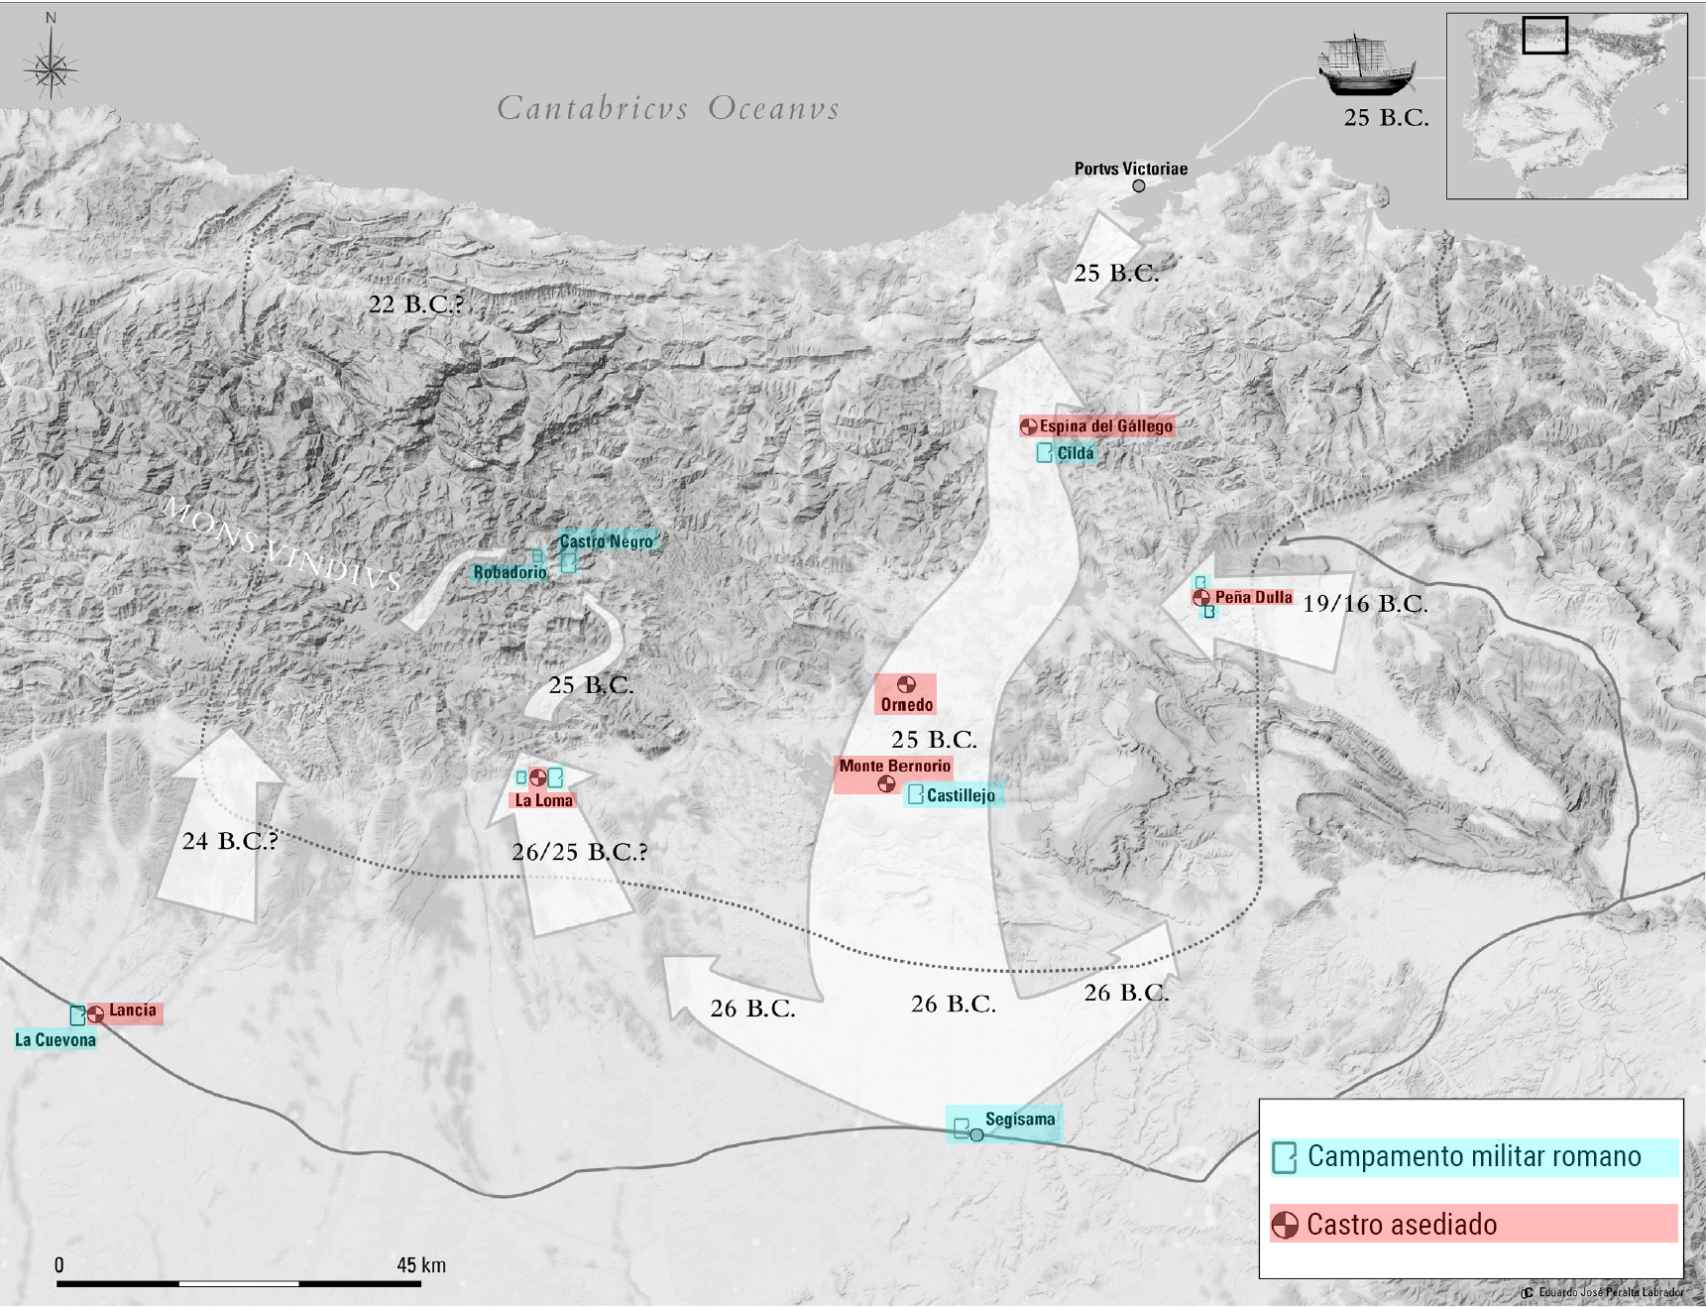 Algunos de los campamentos y fortalezas romanas más importantes fueron sitiados en la región de Cantabria y el norte de Castilla y León.